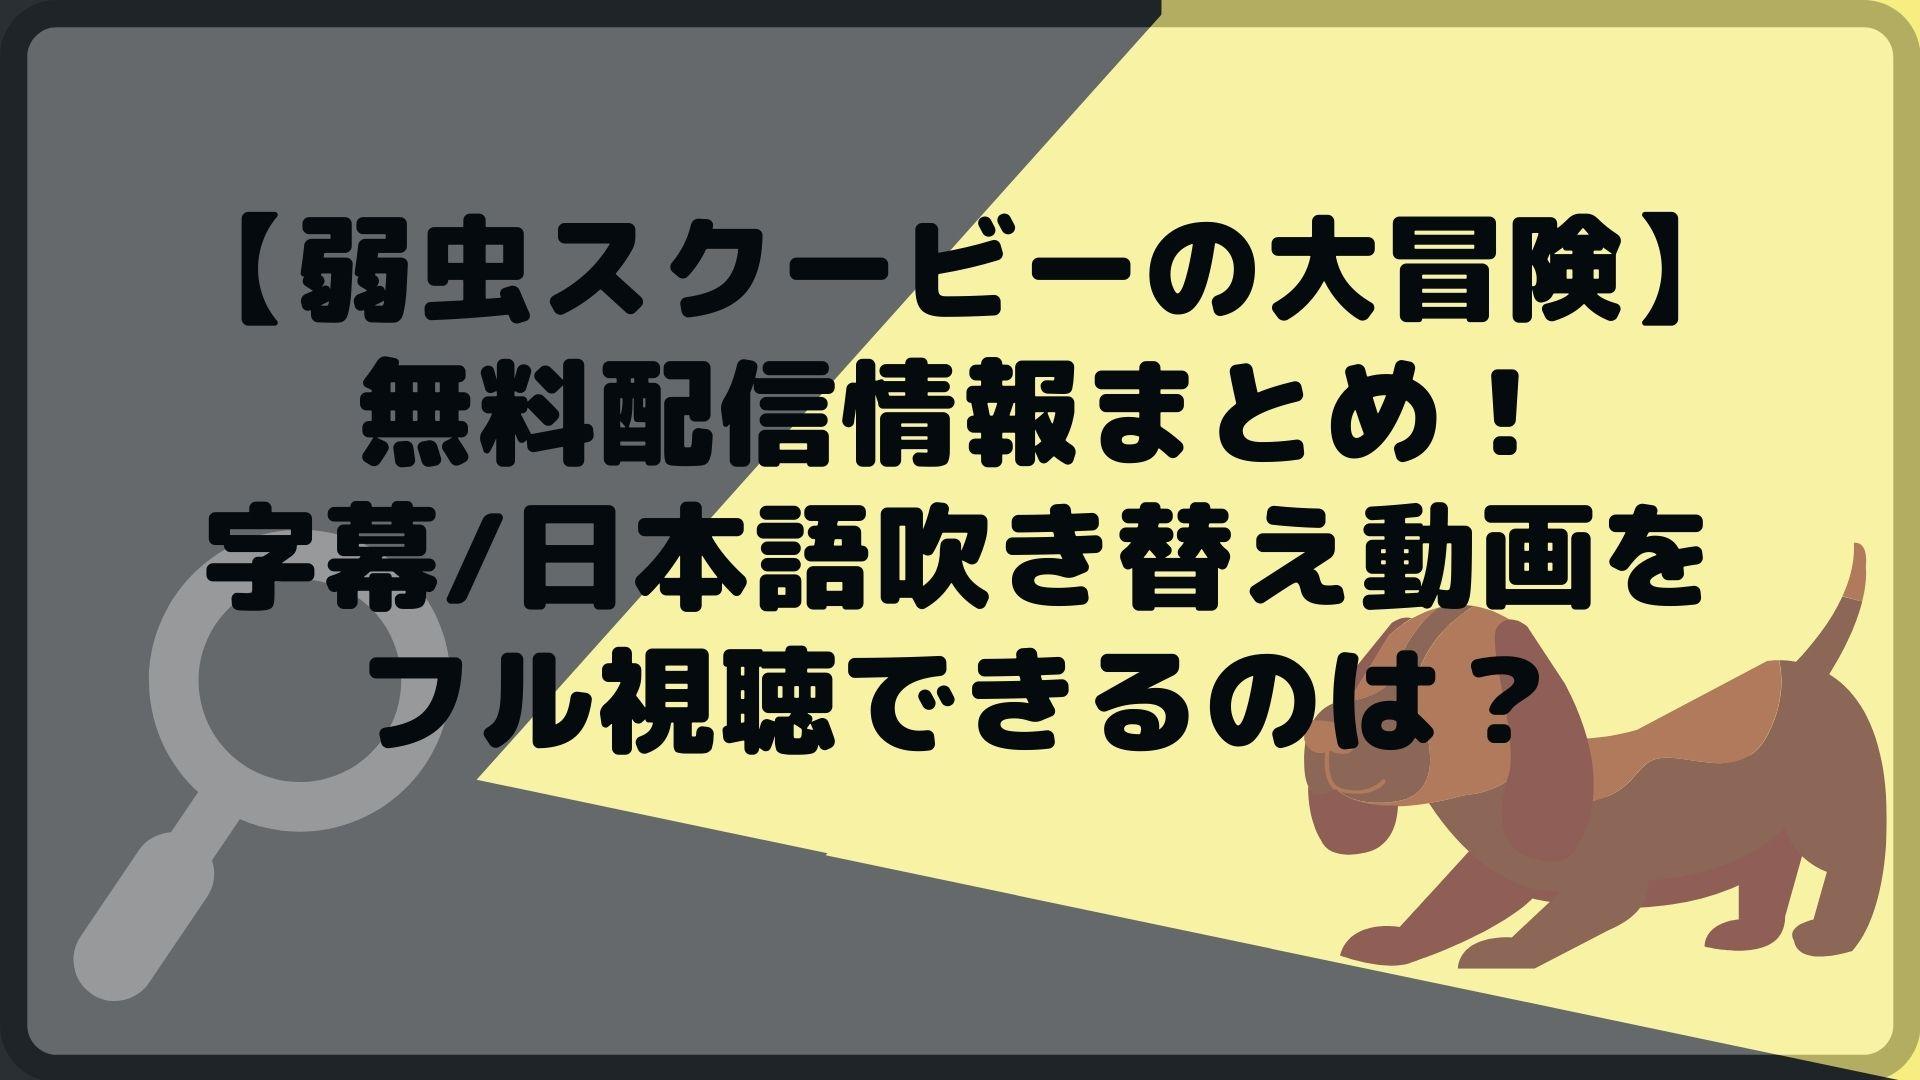 【弱虫スクービーの大冒険】無料配信情報まとめ!字幕/日本語吹き替え動画をフル視聴できるのは?タイトル画像